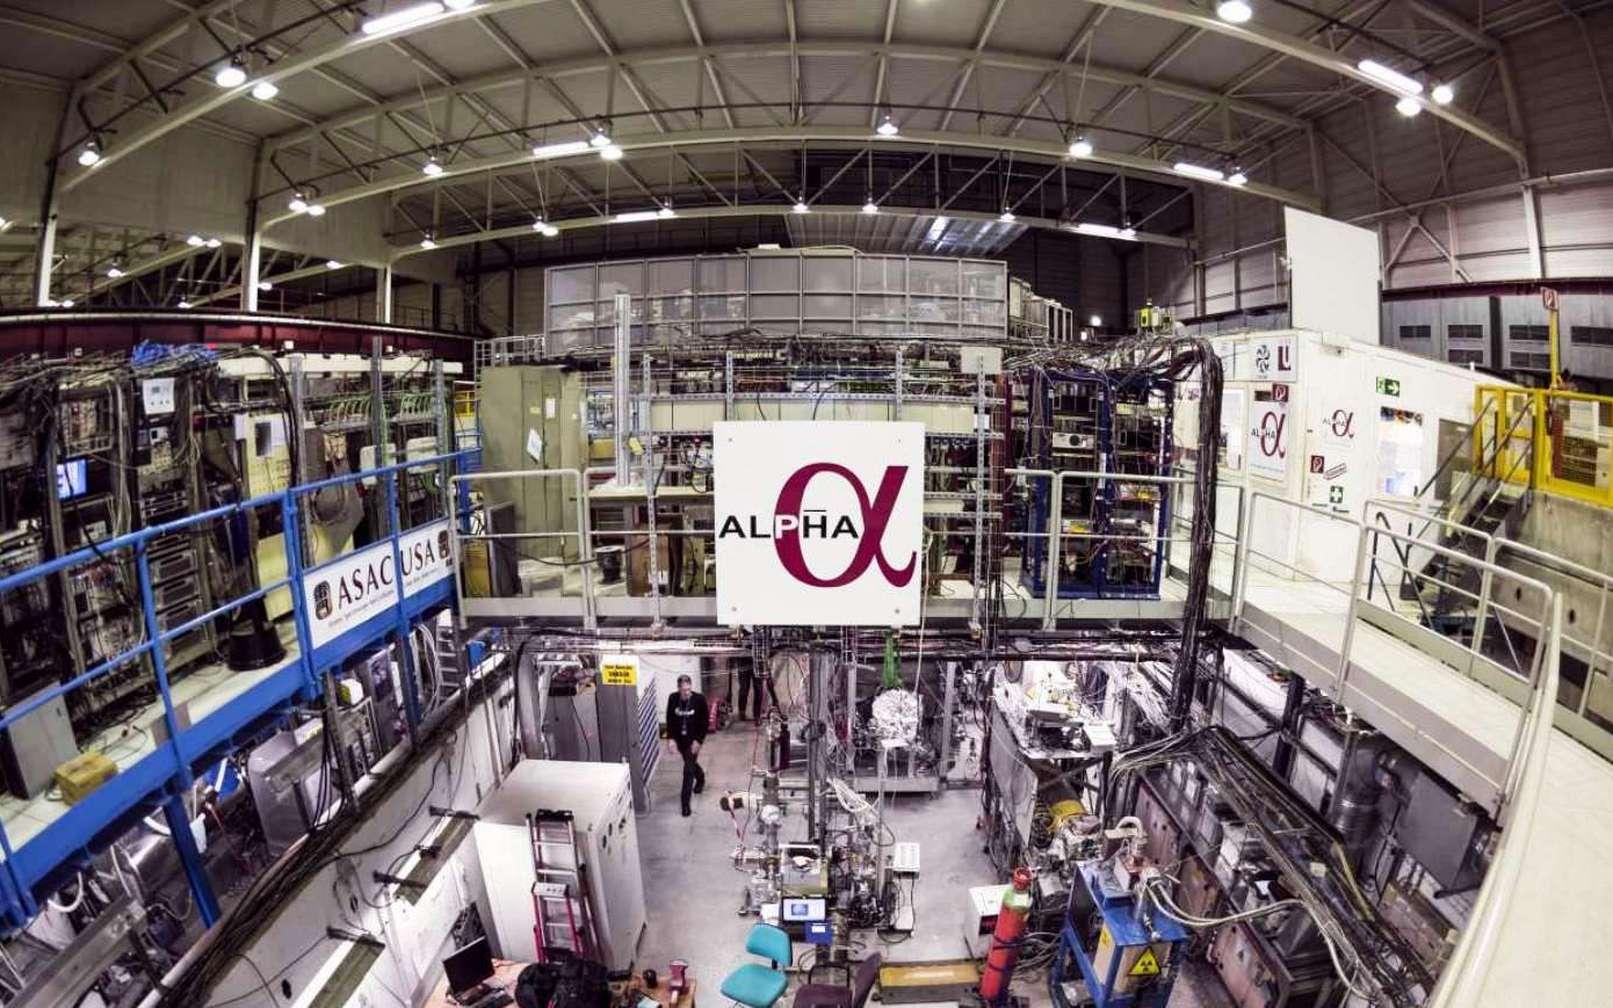 Une vue générale de l'expérience Alpha (Antihydrogen Laser Physics Apparatus), au Cern. Elle permettra peut-être de comprendre pourquoi l'univers observable contient plus de matière que d'antimatière alors que les lois connues de la physique exigent leur création en des quantités rigoureusement égales pendant le Big Bang. Avec Alpha, les physiciens traquent d'éventuelles différences entre les atomes d'hydrogène et d'antihydrogène. © Maximilien Brice, Cern